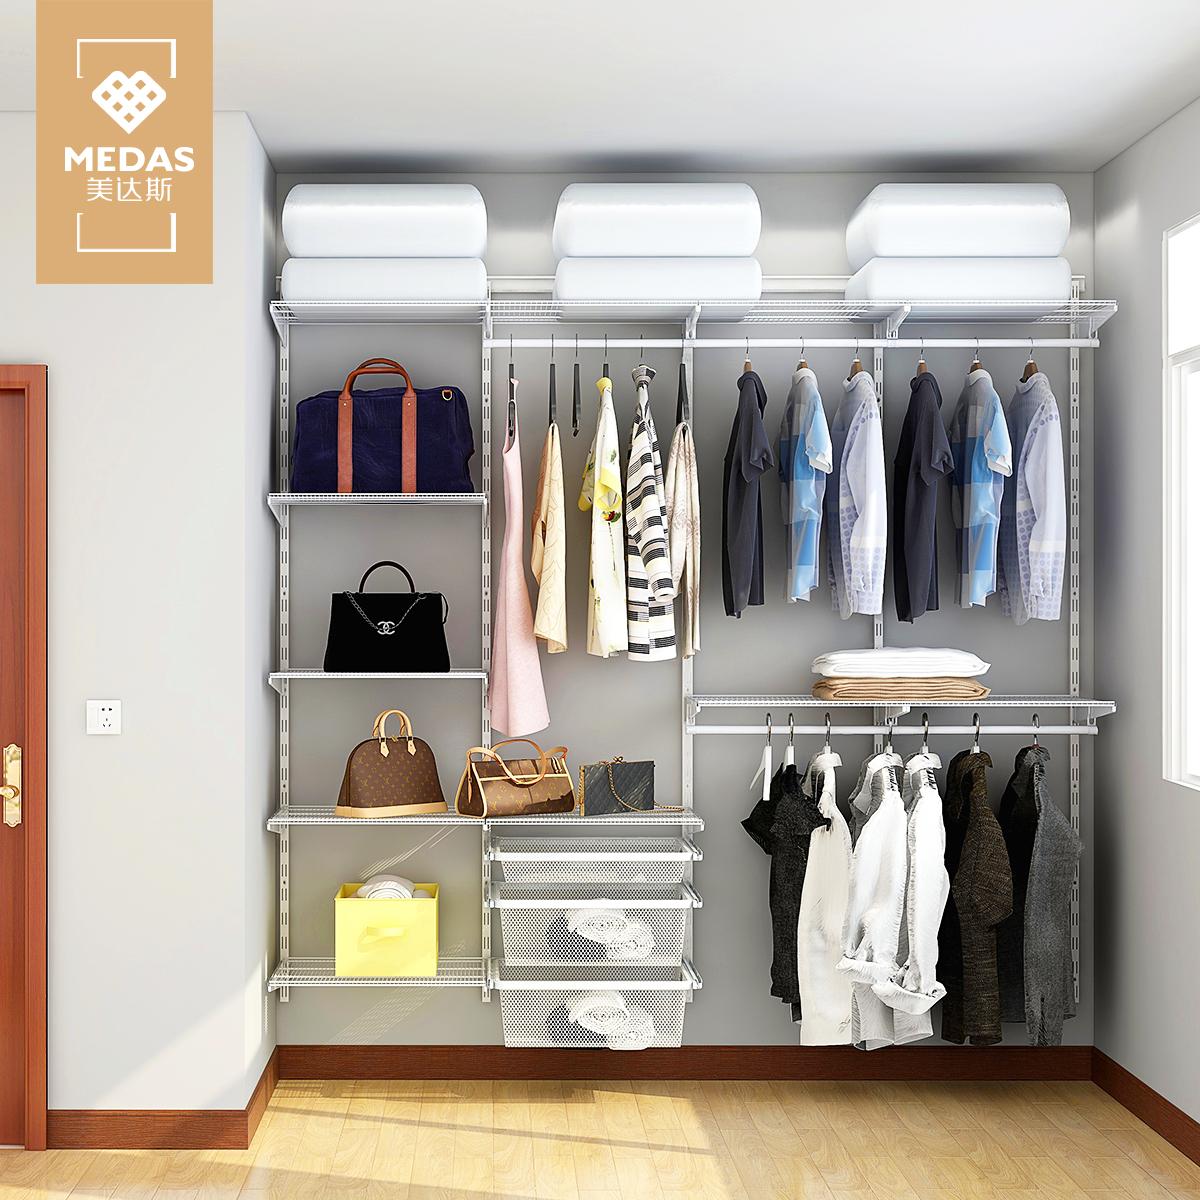 (用100元券)2.4m宽衣柜美达斯开放式金属衣帽间定制小户型整体衣柜储物间架子